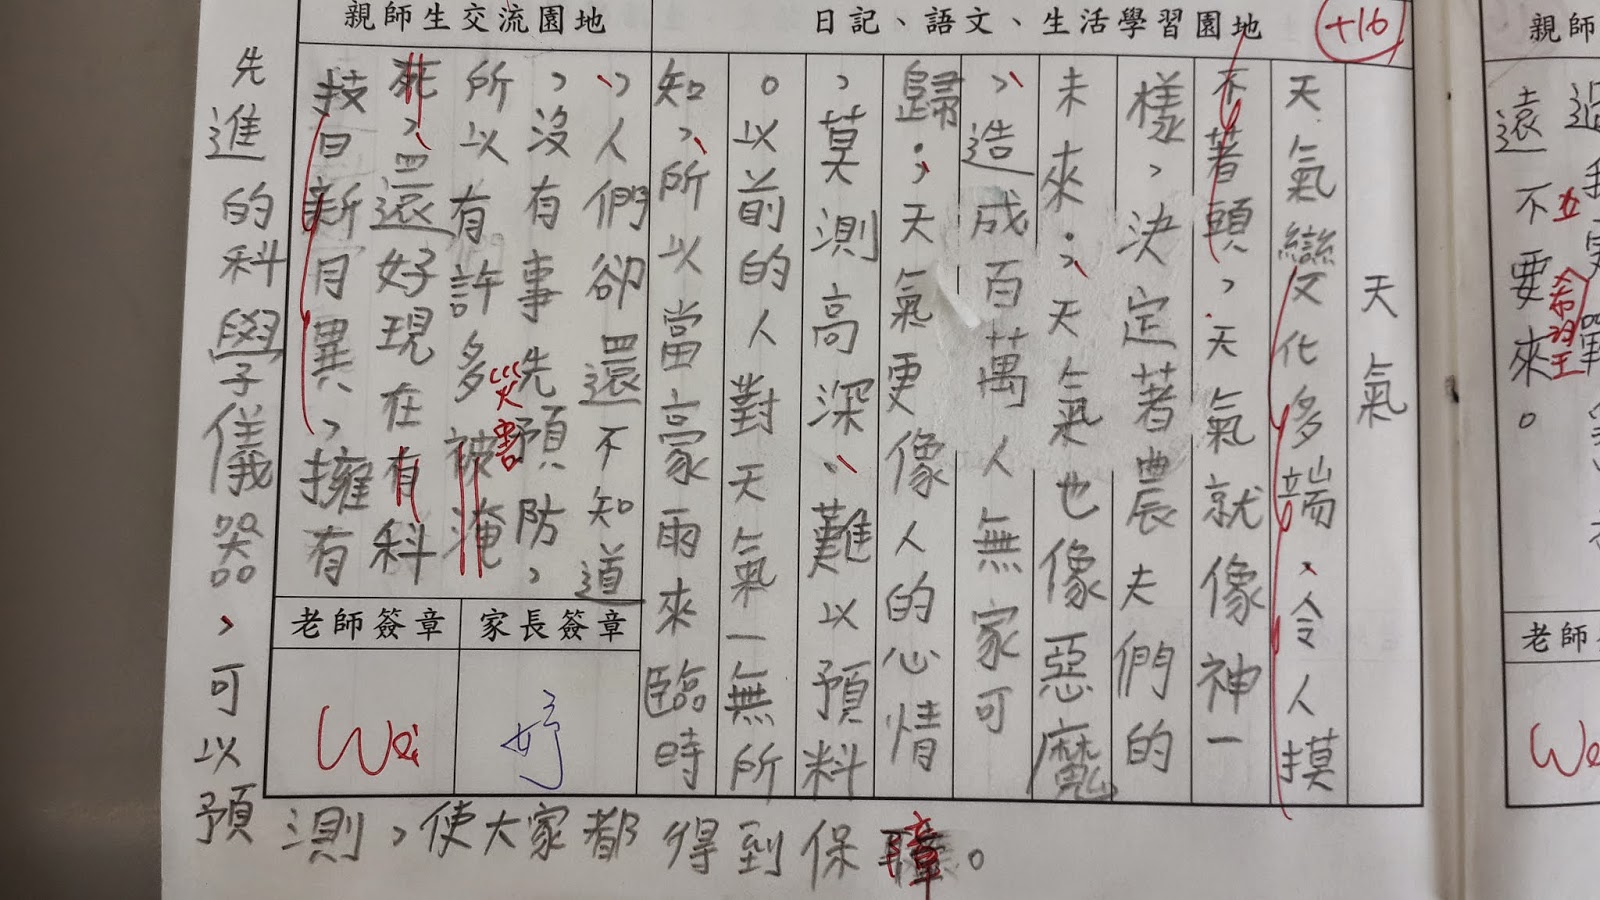 民生304: 小日記內容範本參考